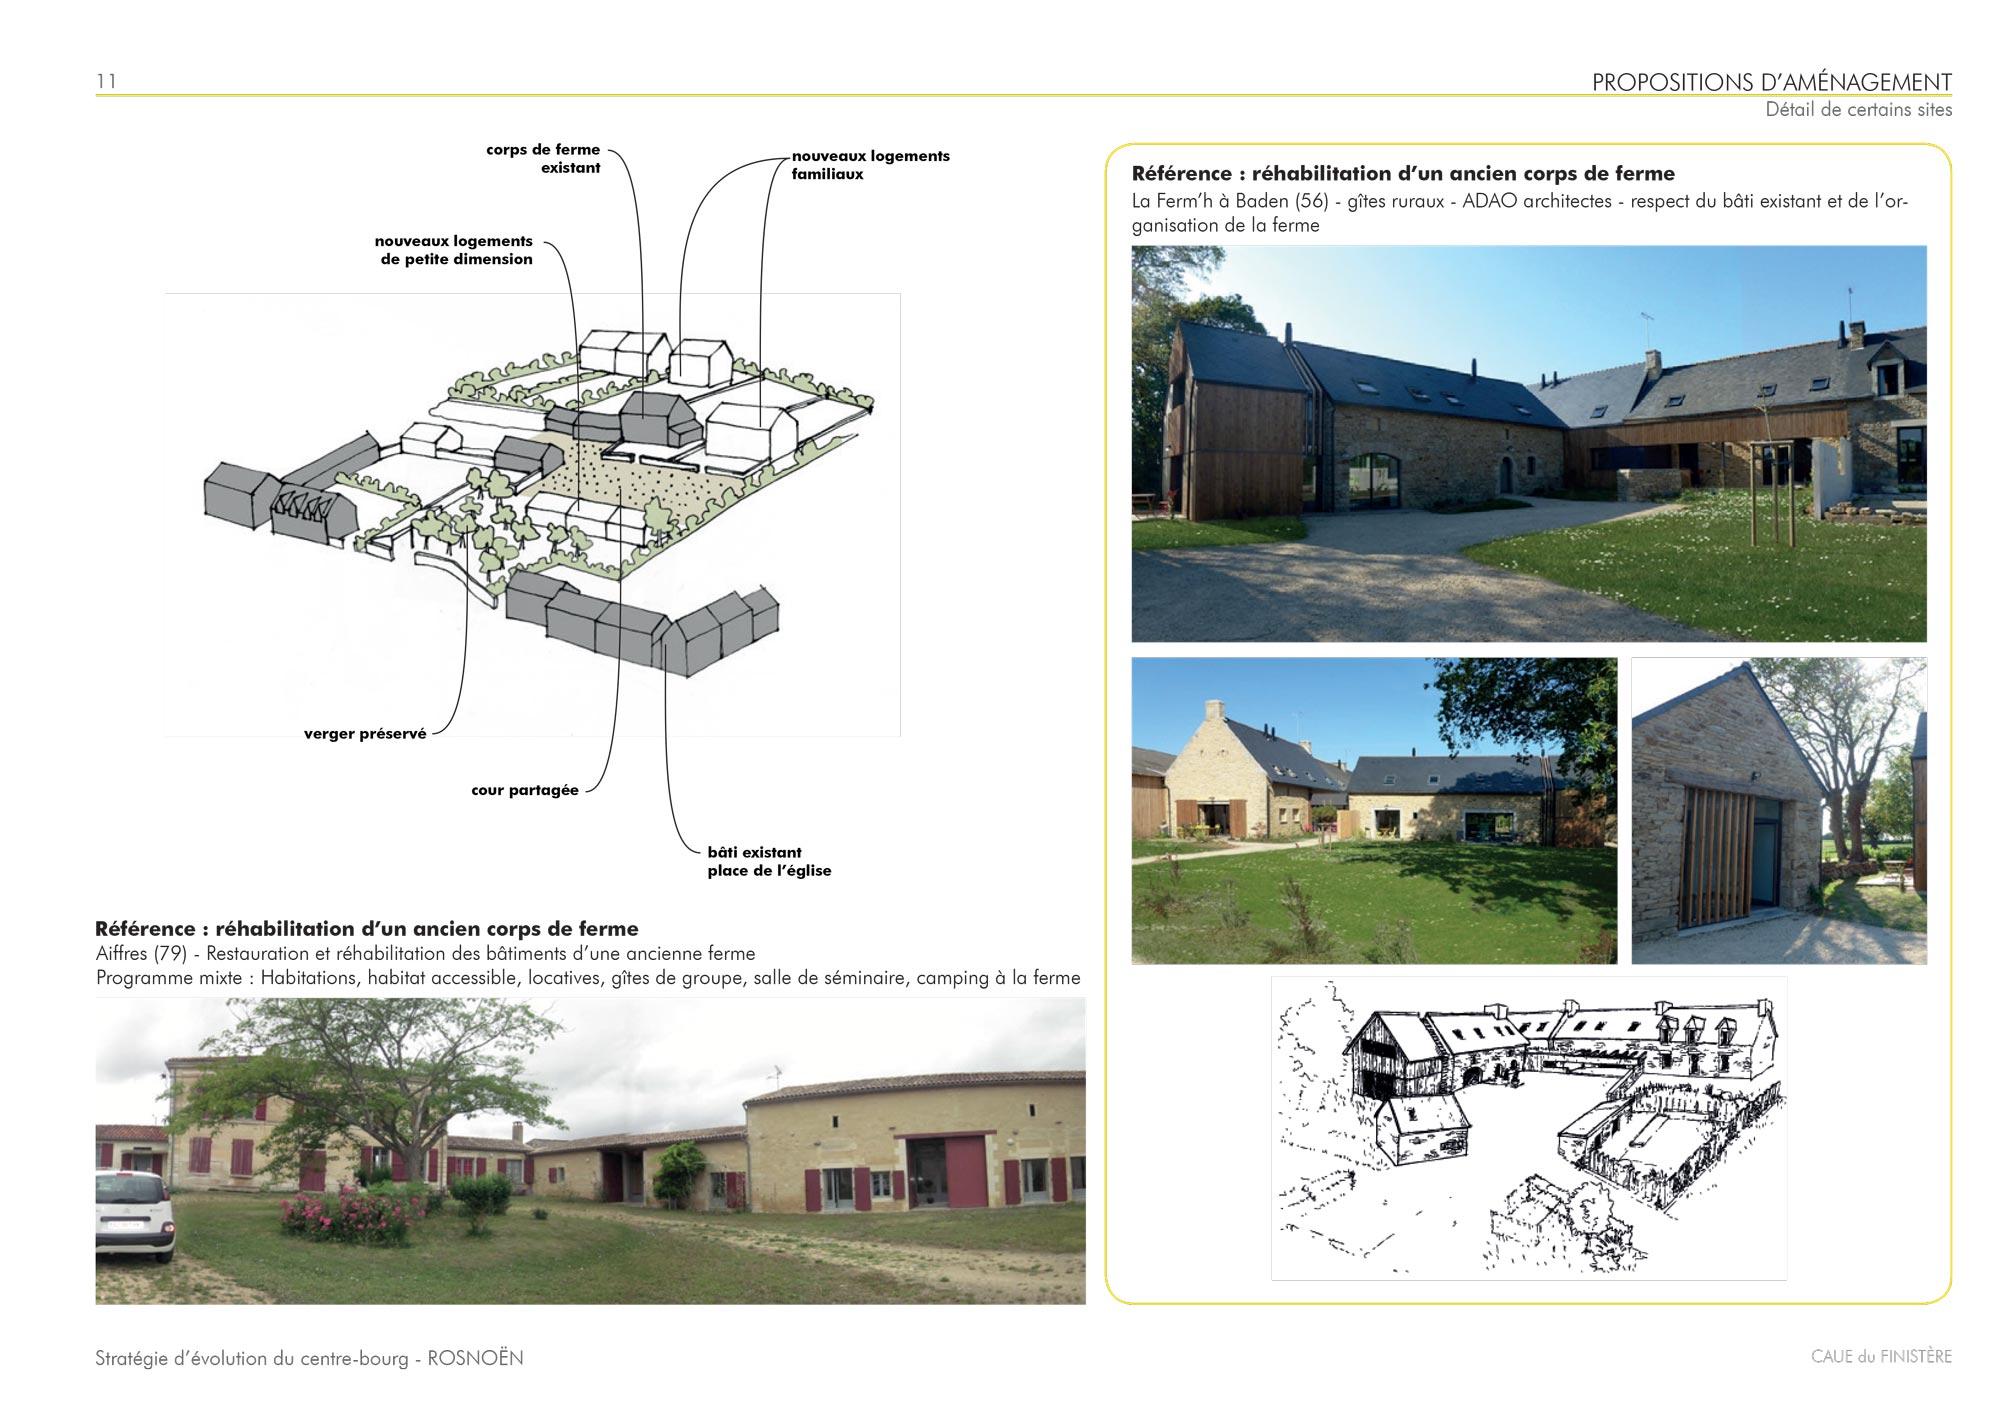 Extrait de l'étude architecturale sur Rosnoen